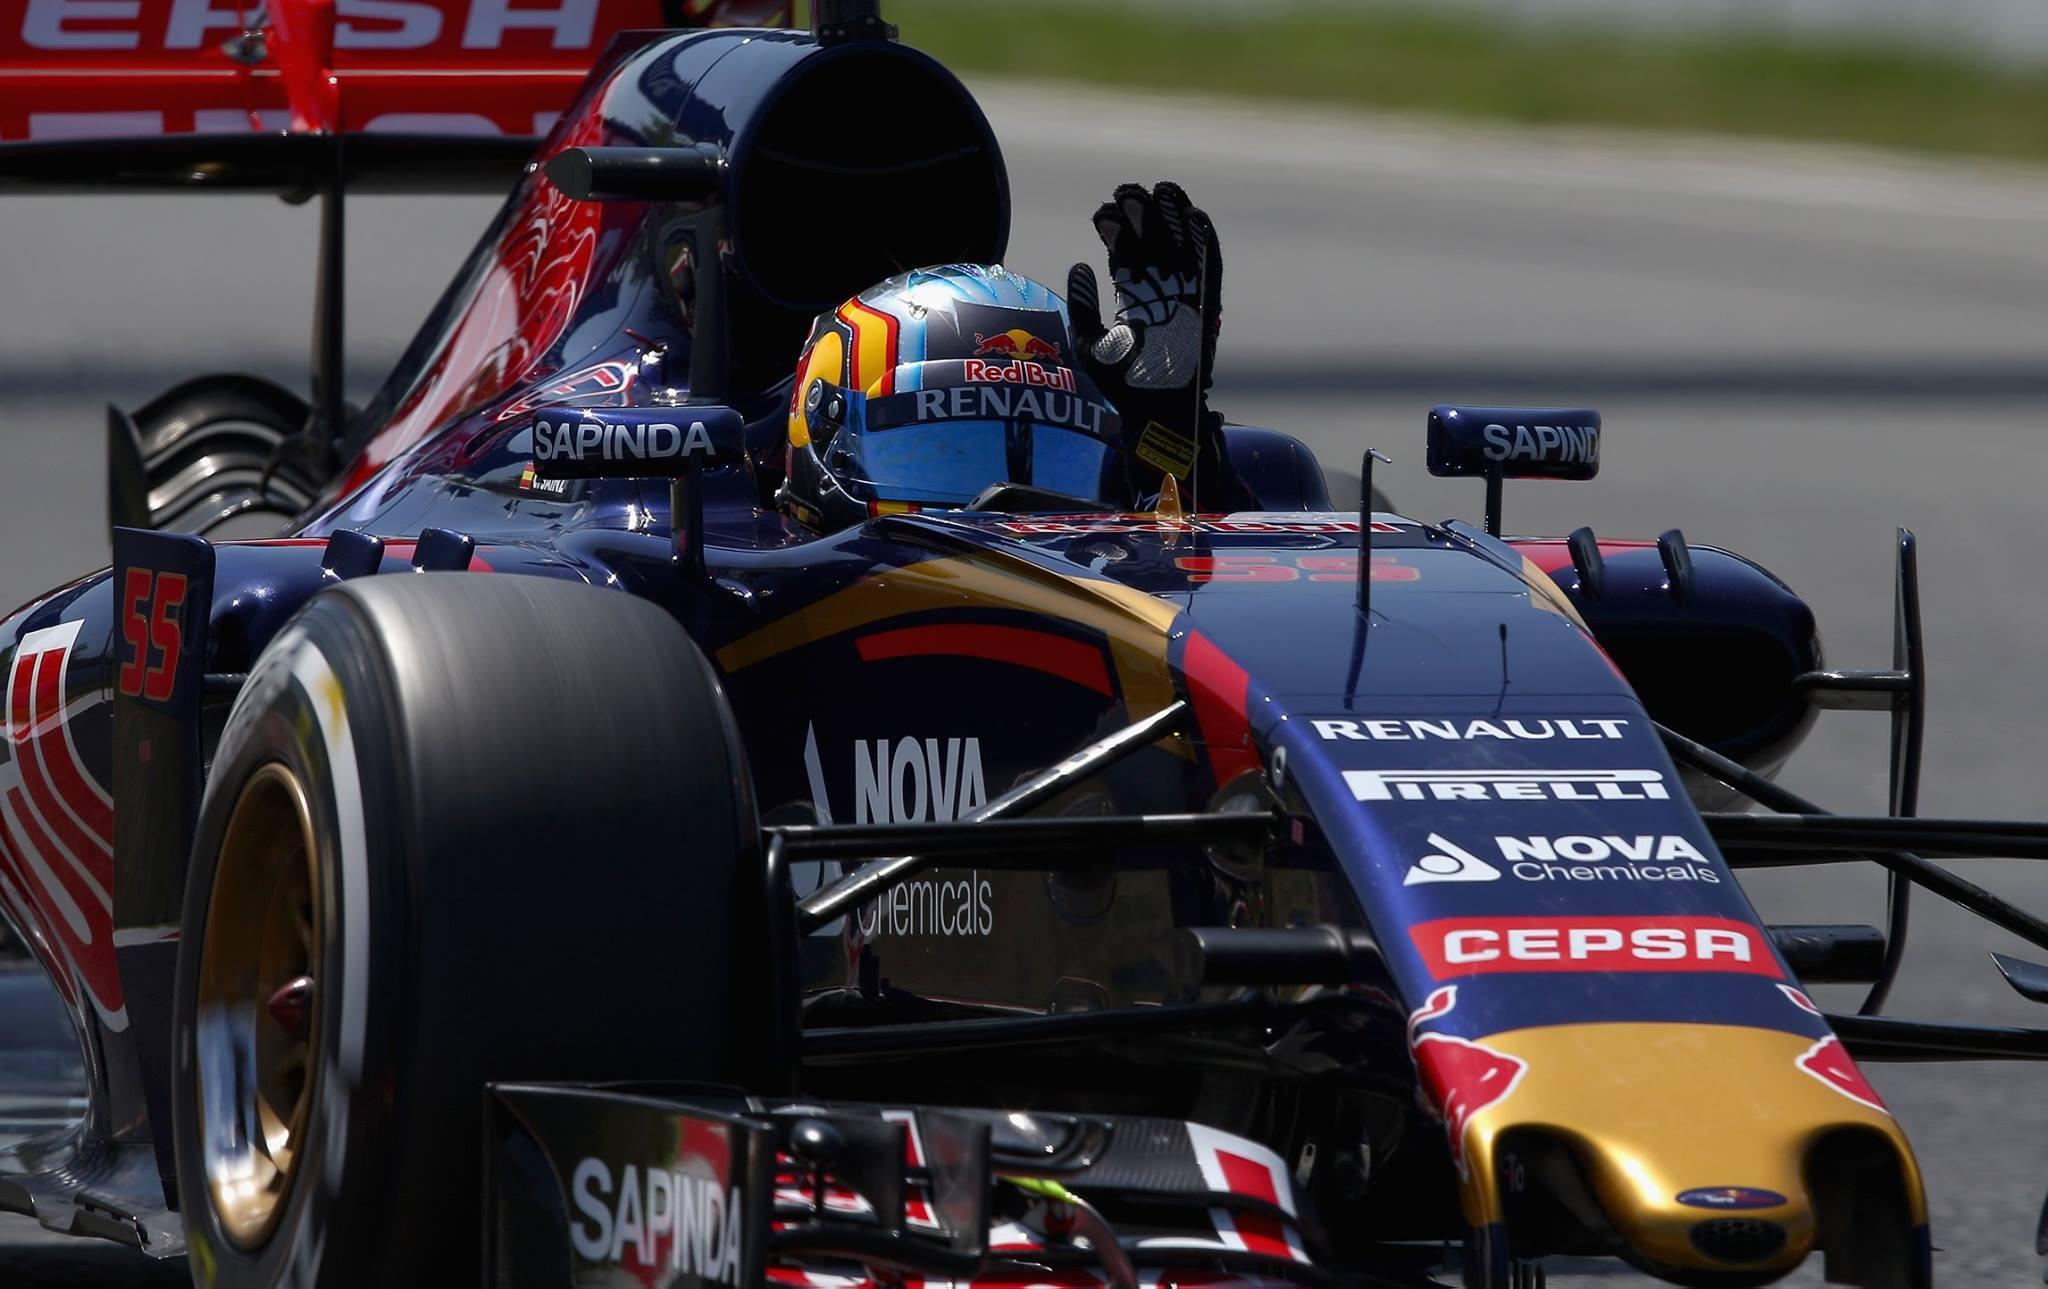 O jovem piloto da Toro Rosso foi o melhor dos pilotos espanhois